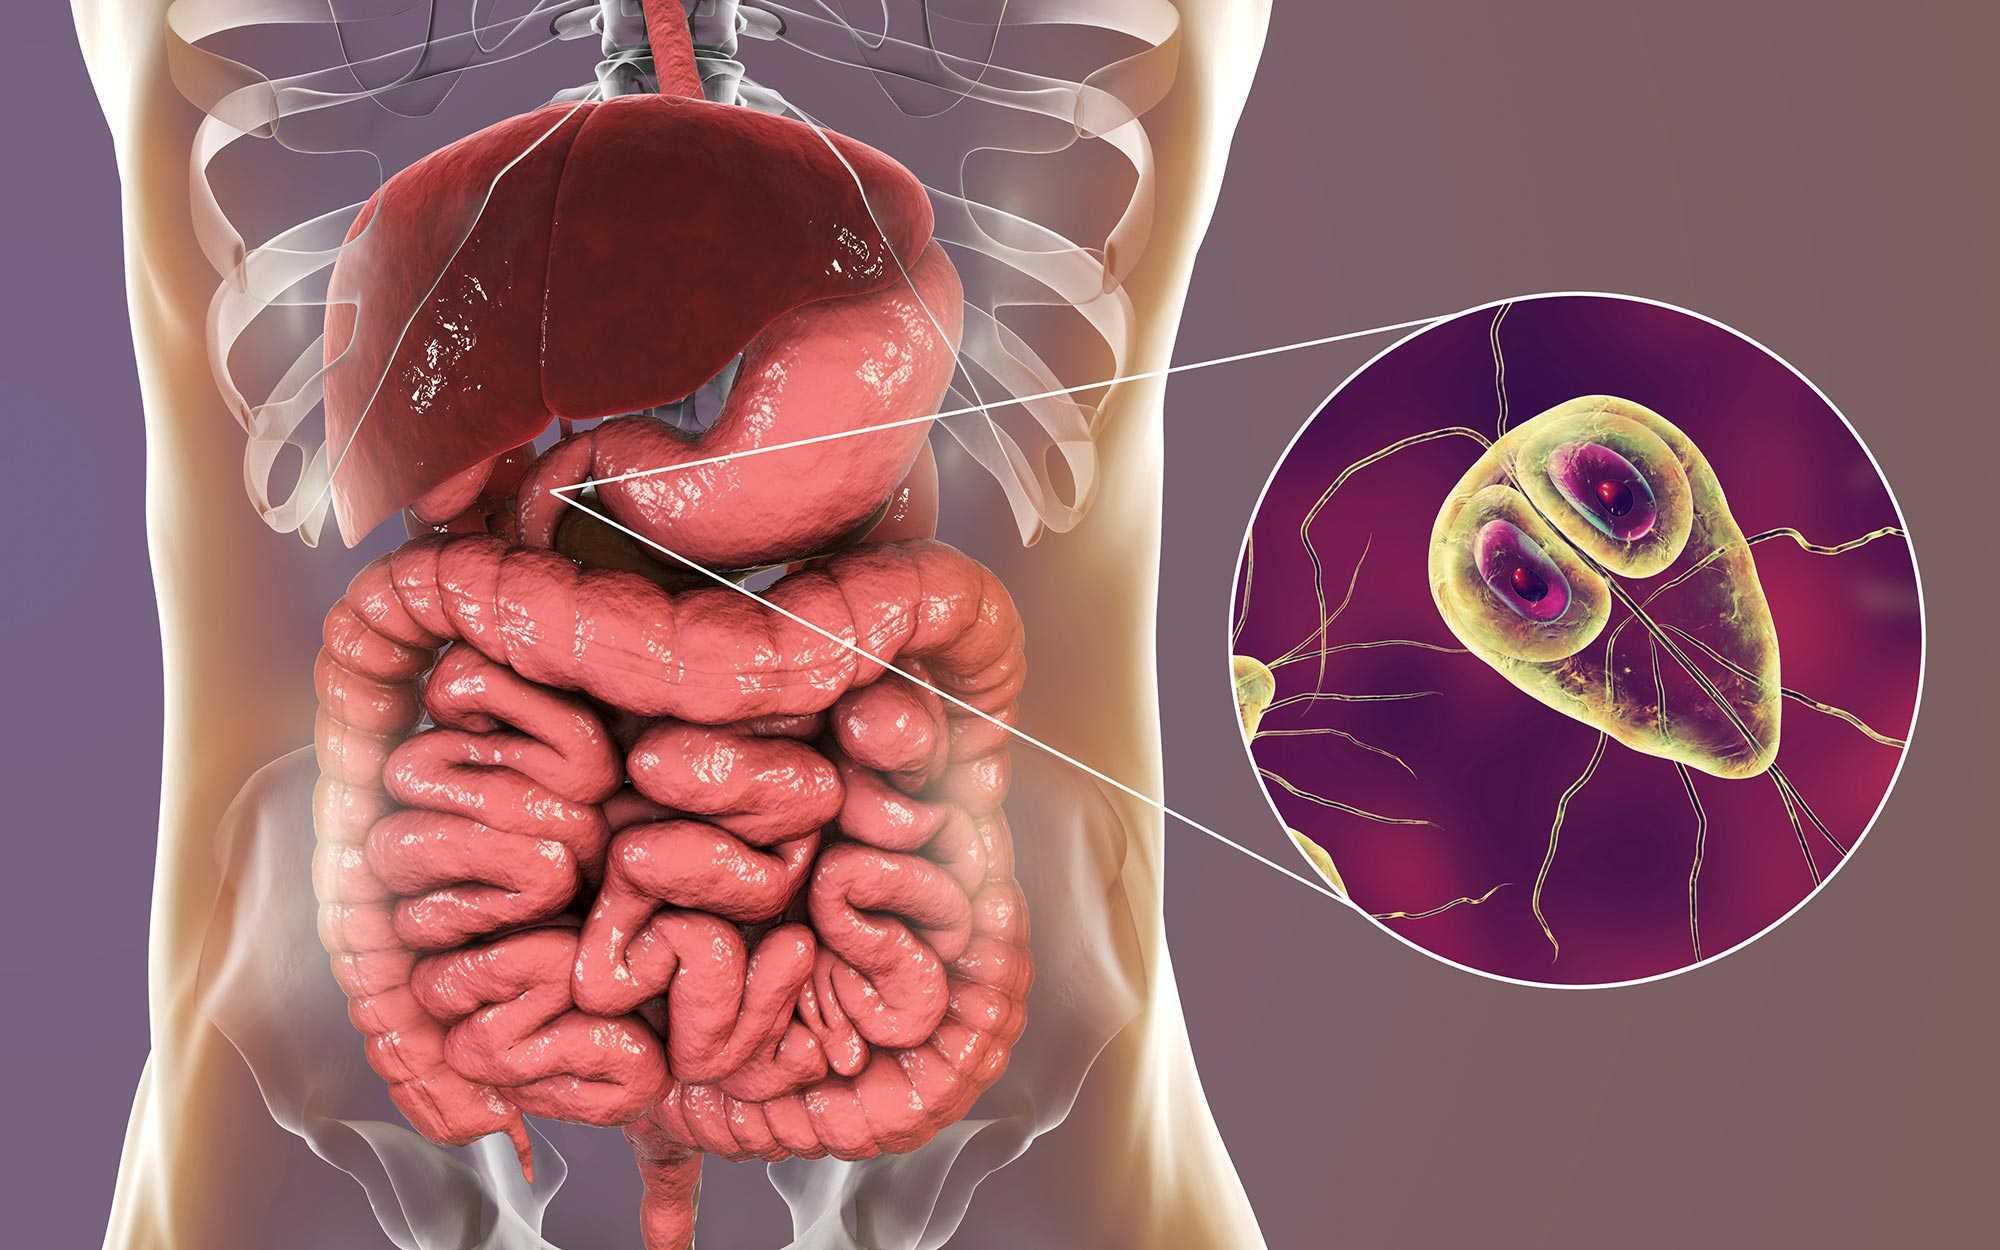 Giardia infektion therapie.